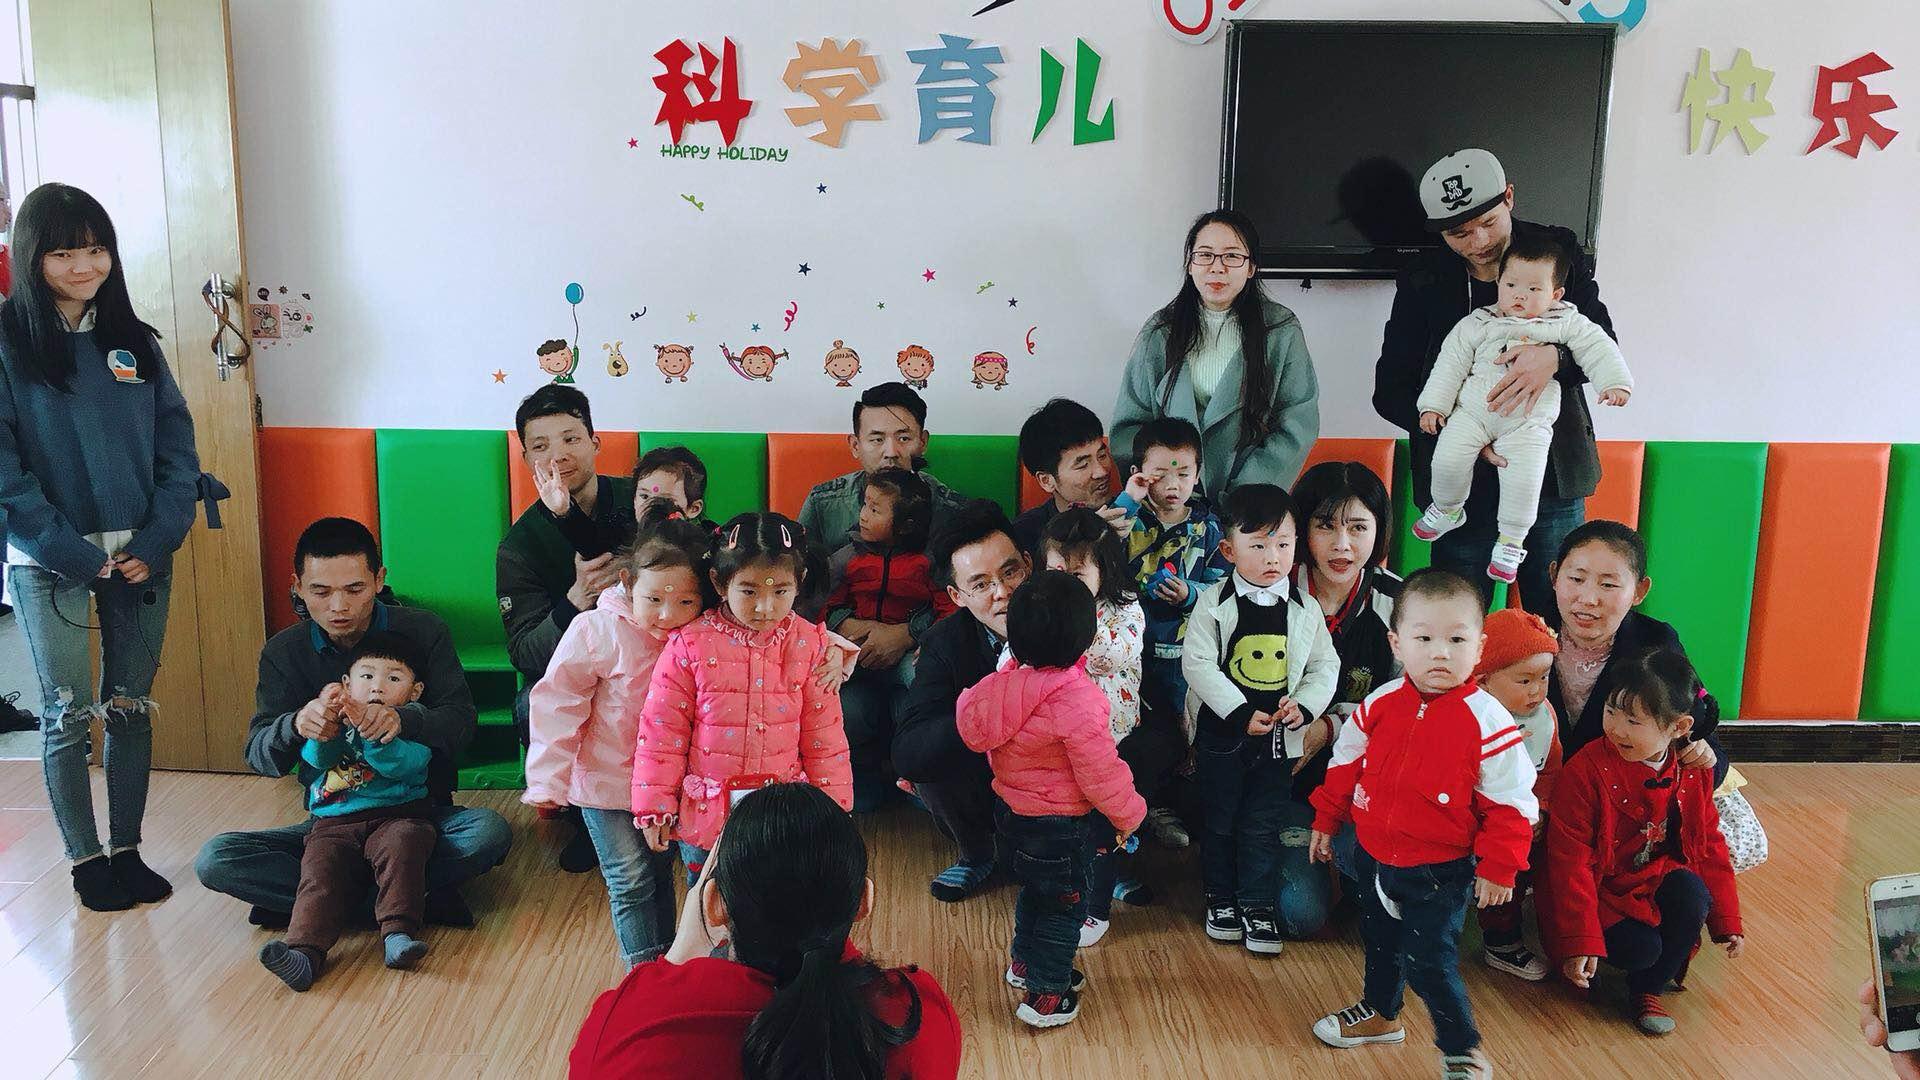 江宁吴墅社区开展亲子活动,共享快乐好时光